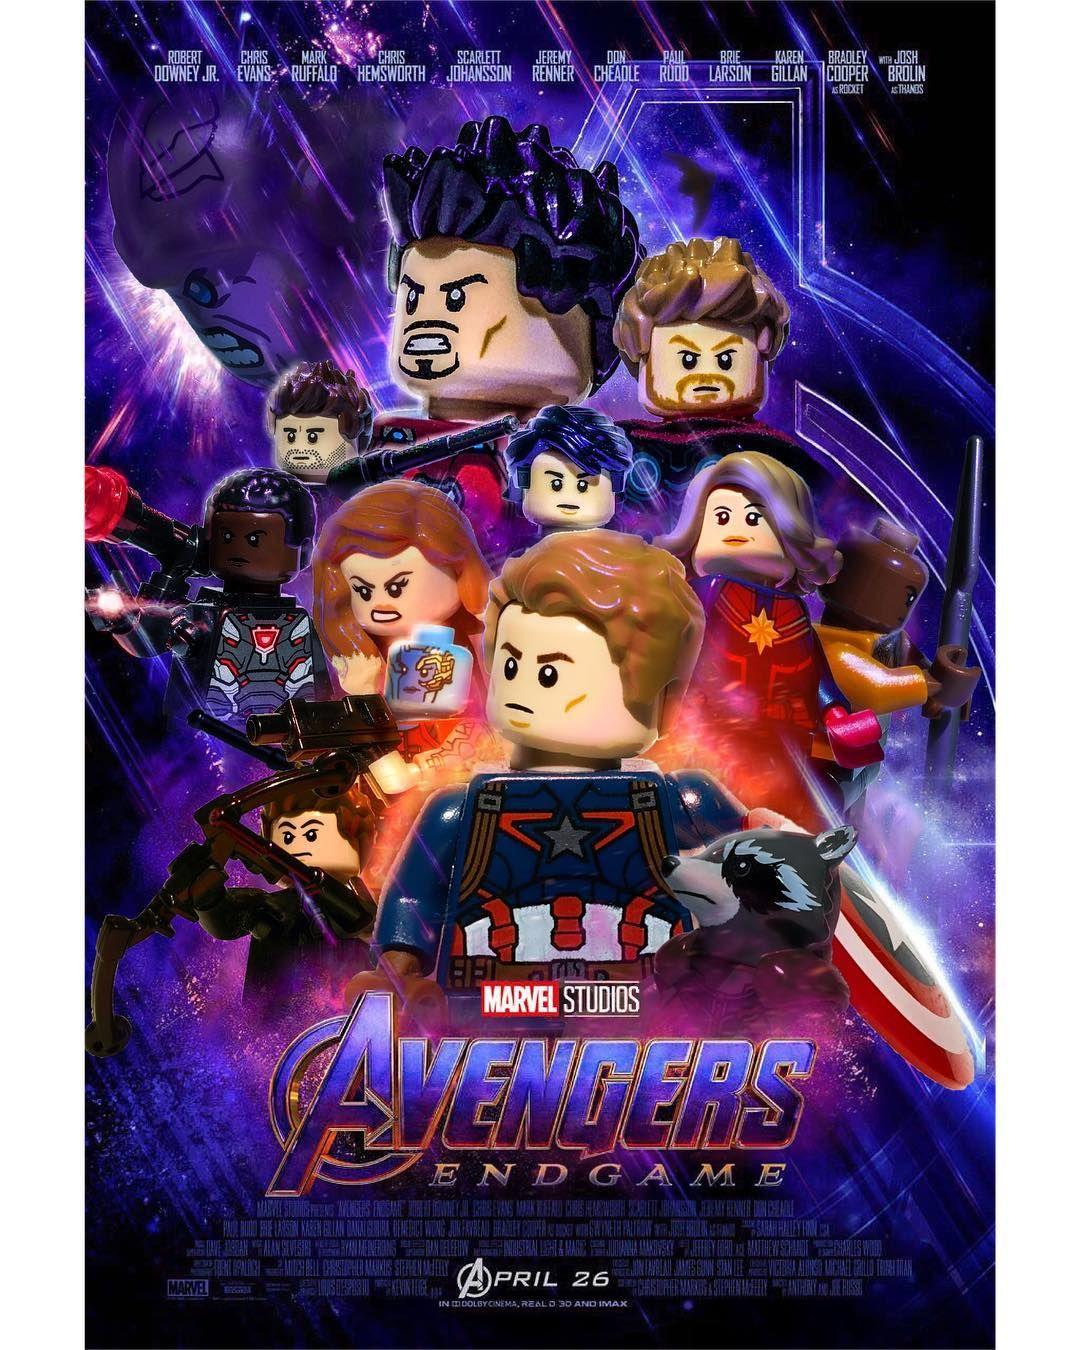 """bricksfocus on Instagram: """"Avengers: Endgame - """"We're in the endgame"""